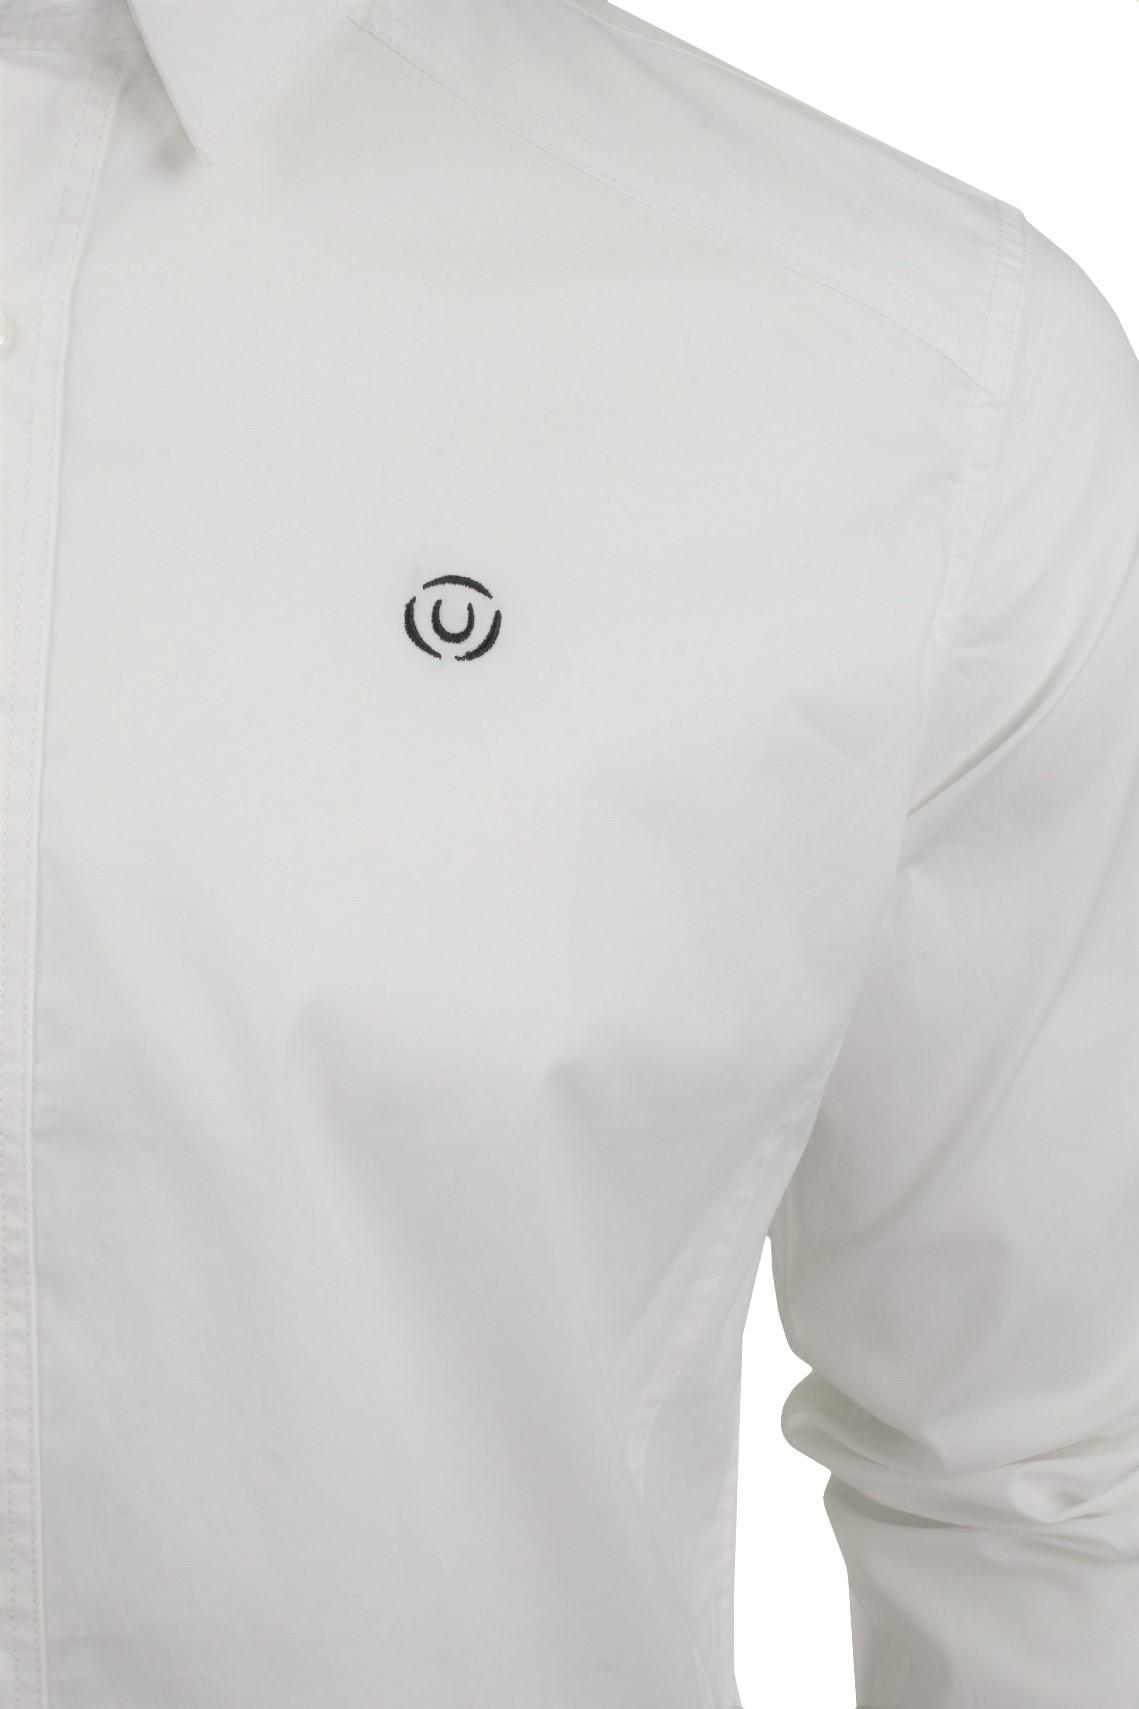 Para-Hombres-Camisa-Manga-Larga-Popelin-del-estiramiento-por-Pato-Y-Cubierta-039-raginald-039 miniatura 10